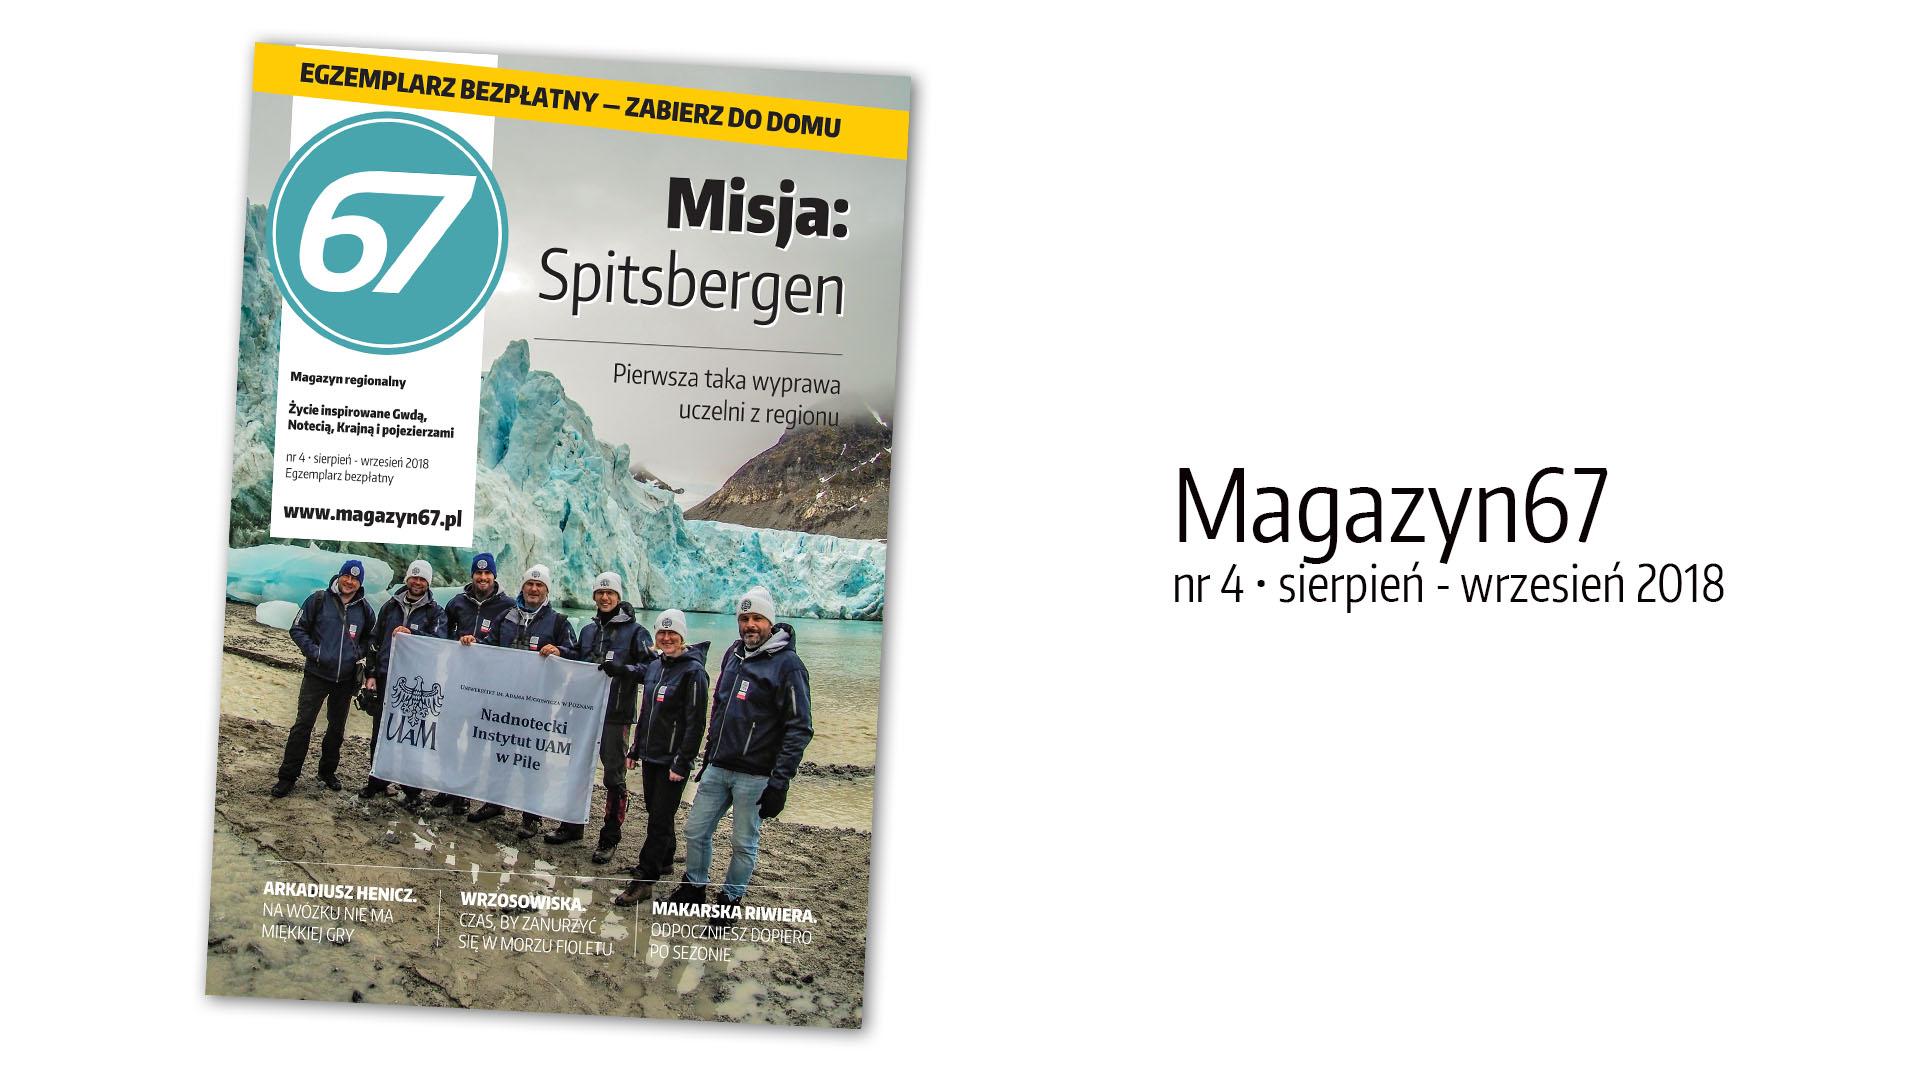 Magazyn67, nr 4, sierpień - wrzesień 2018